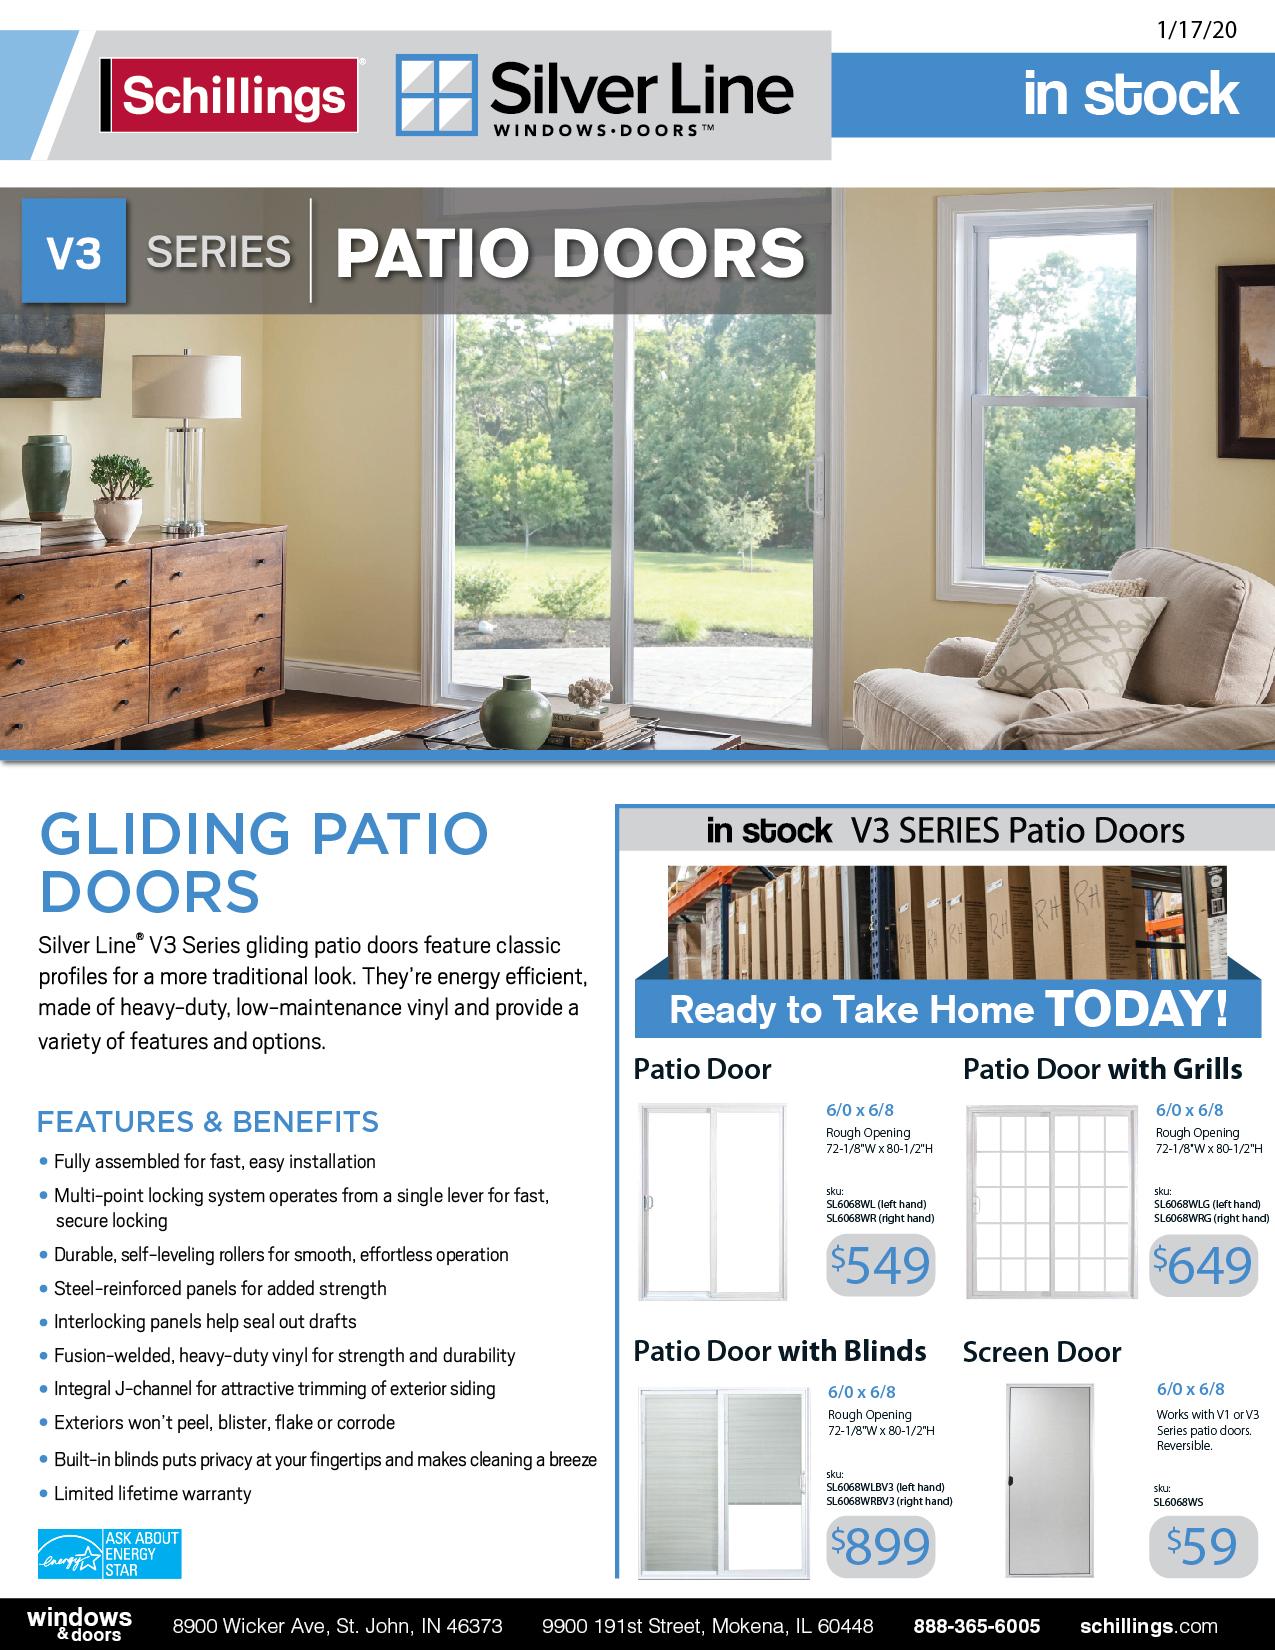 Silver-Line-Patio-Door-Hot-List